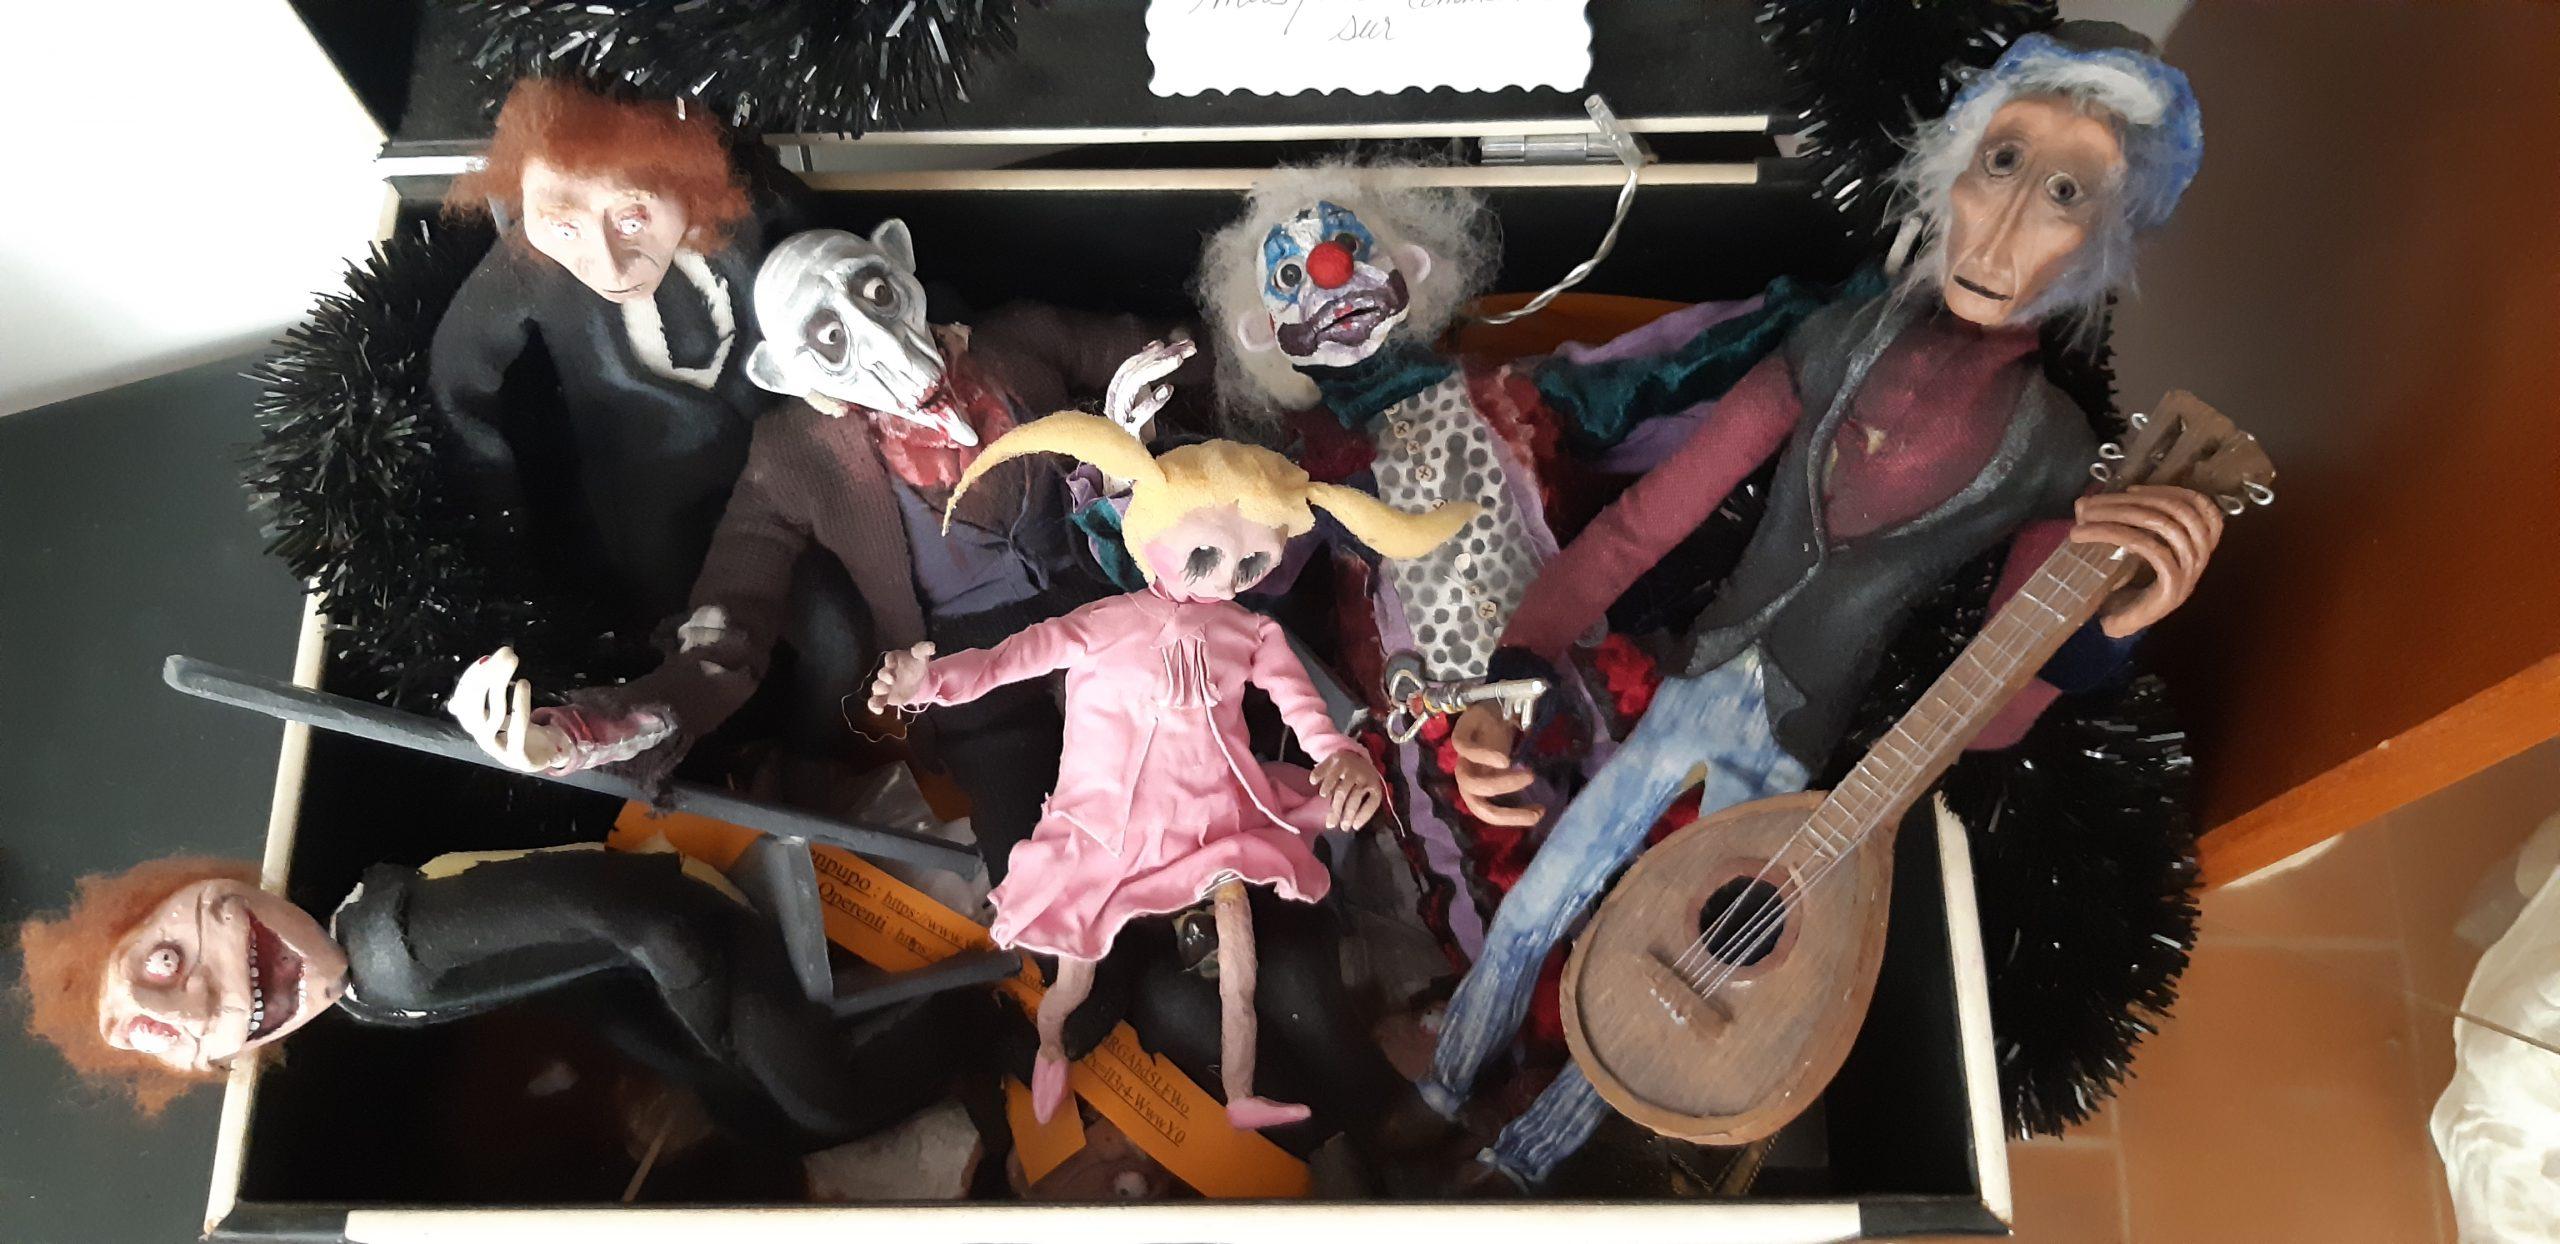 Pôle expo marionnettes